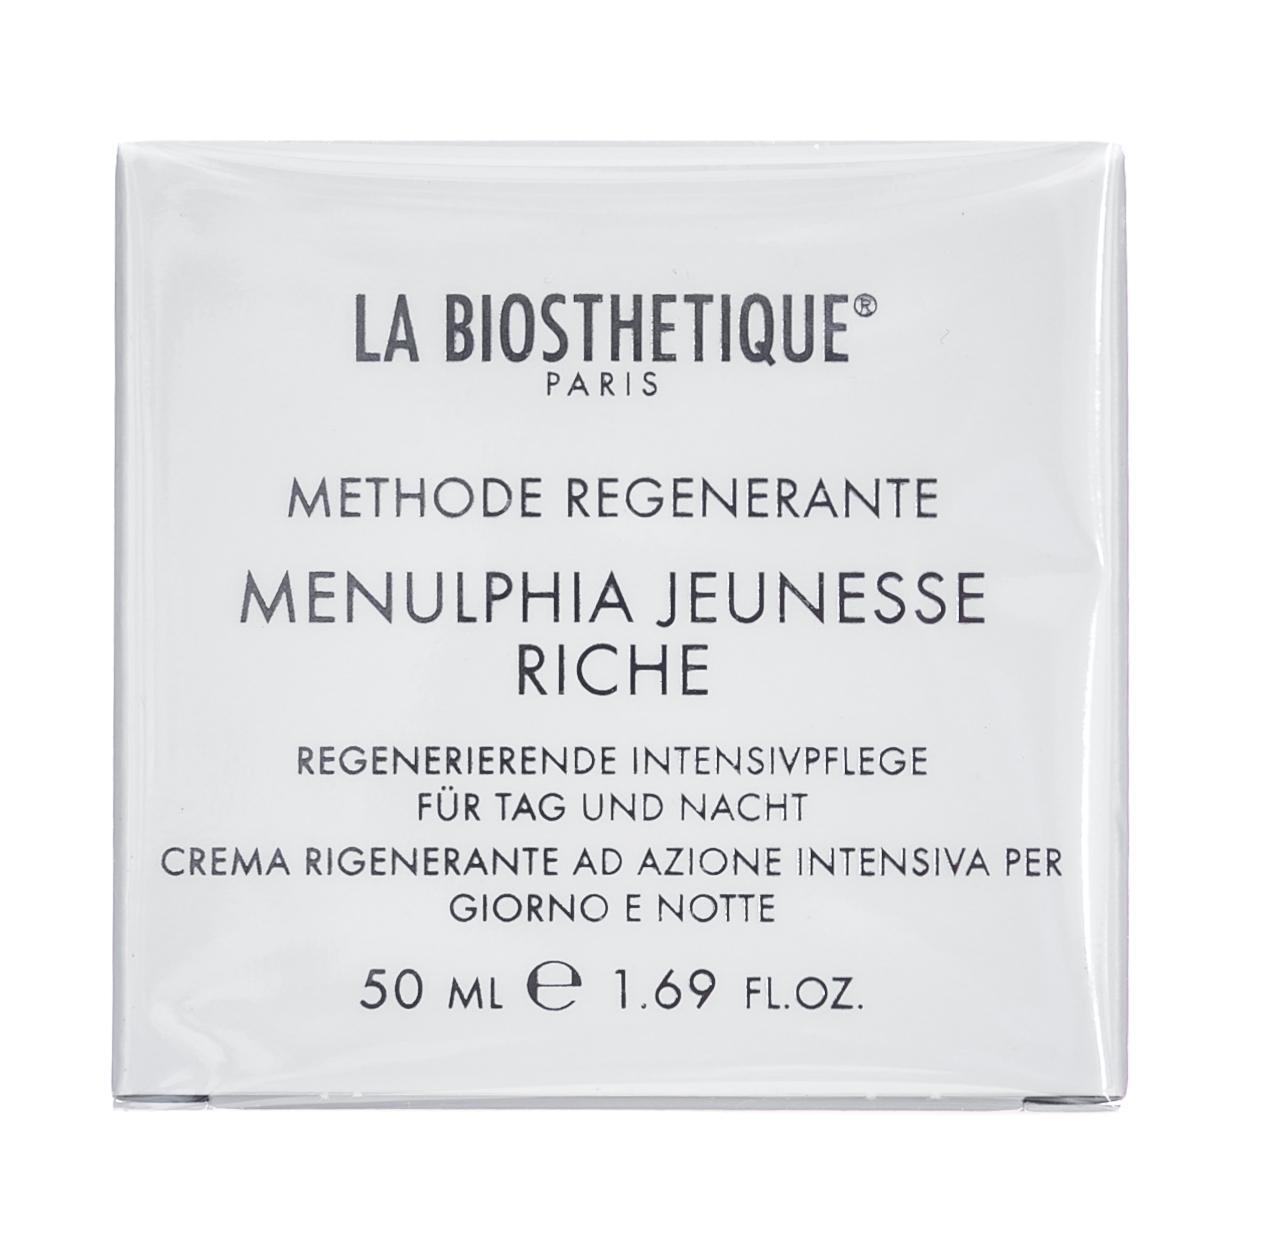 La Biosthetique Крем Menulphia Jeunesse Riche Насыщенный Регенерирующий Интенсивного Действия, 50 мл